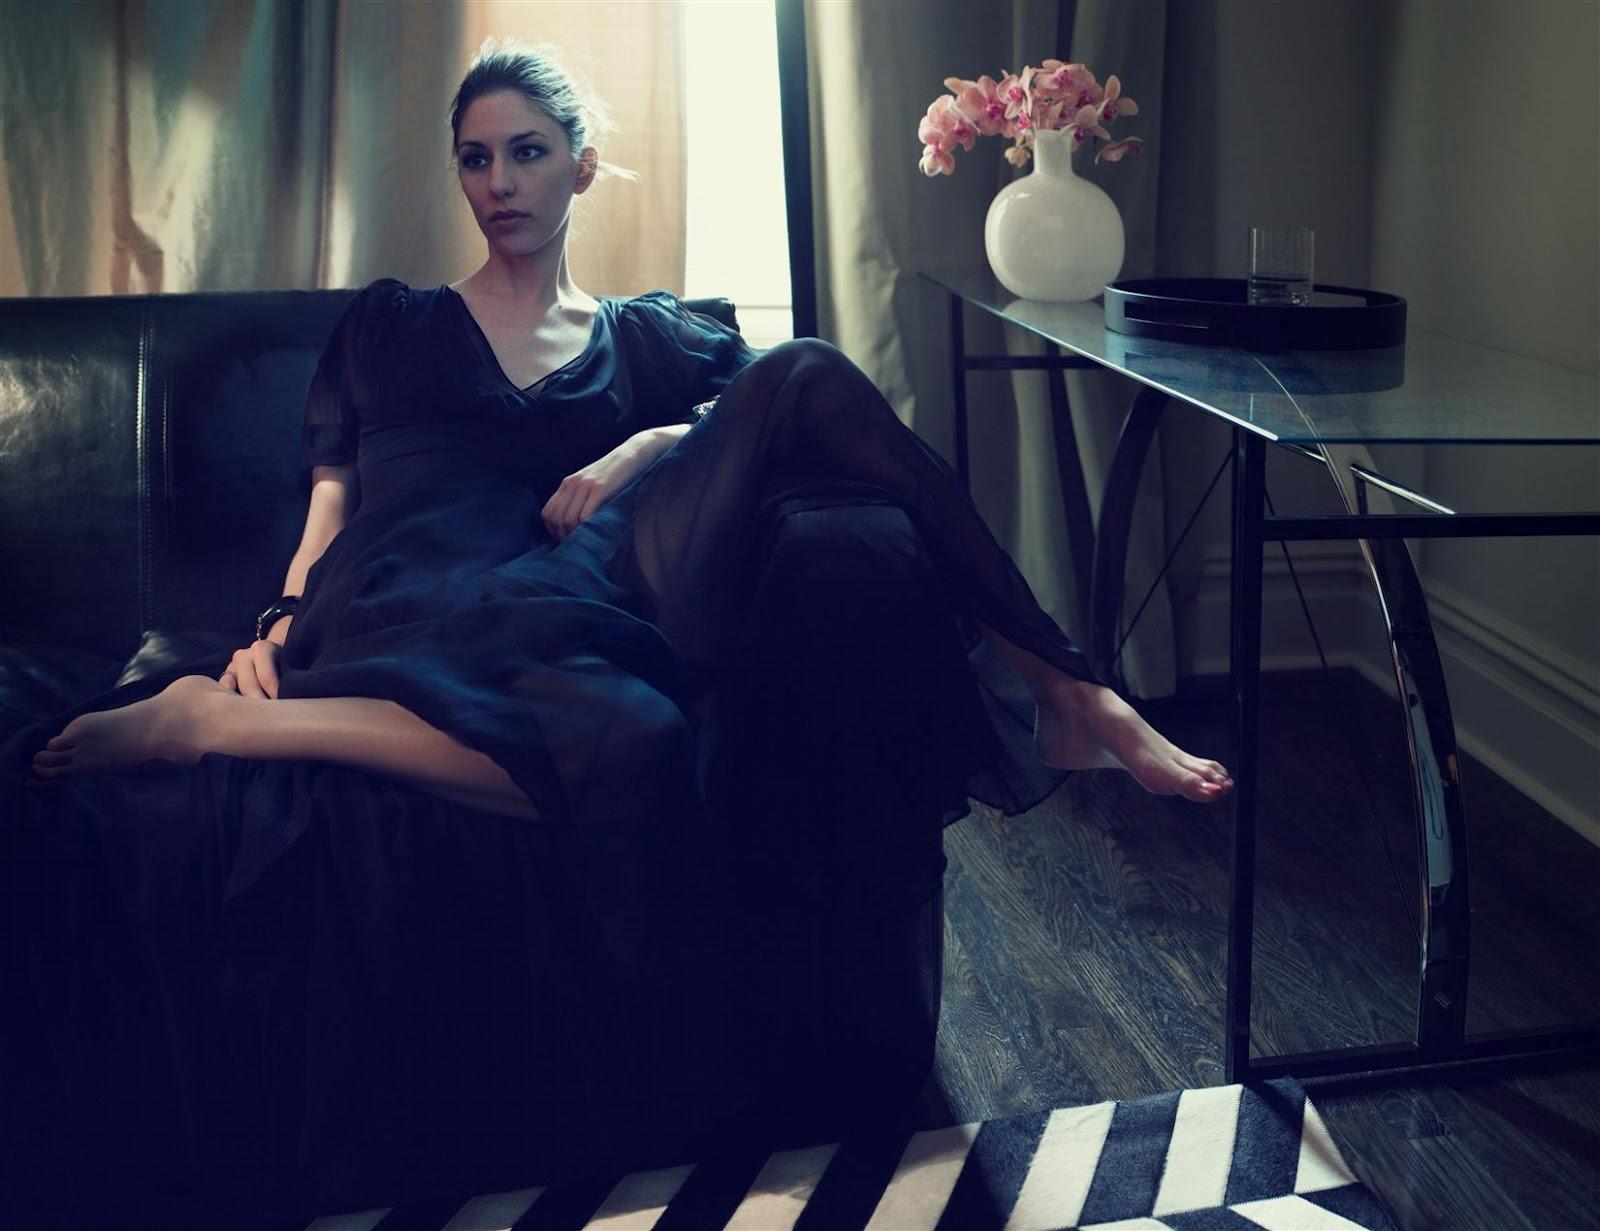 http://4.bp.blogspot.com/-nRlWmnd5V5s/TzBkweGO3mI/AAAAAAAABj8/EqclOjOOttQ/s1600/Sofia-Coppola-Feet-260941.jpeg